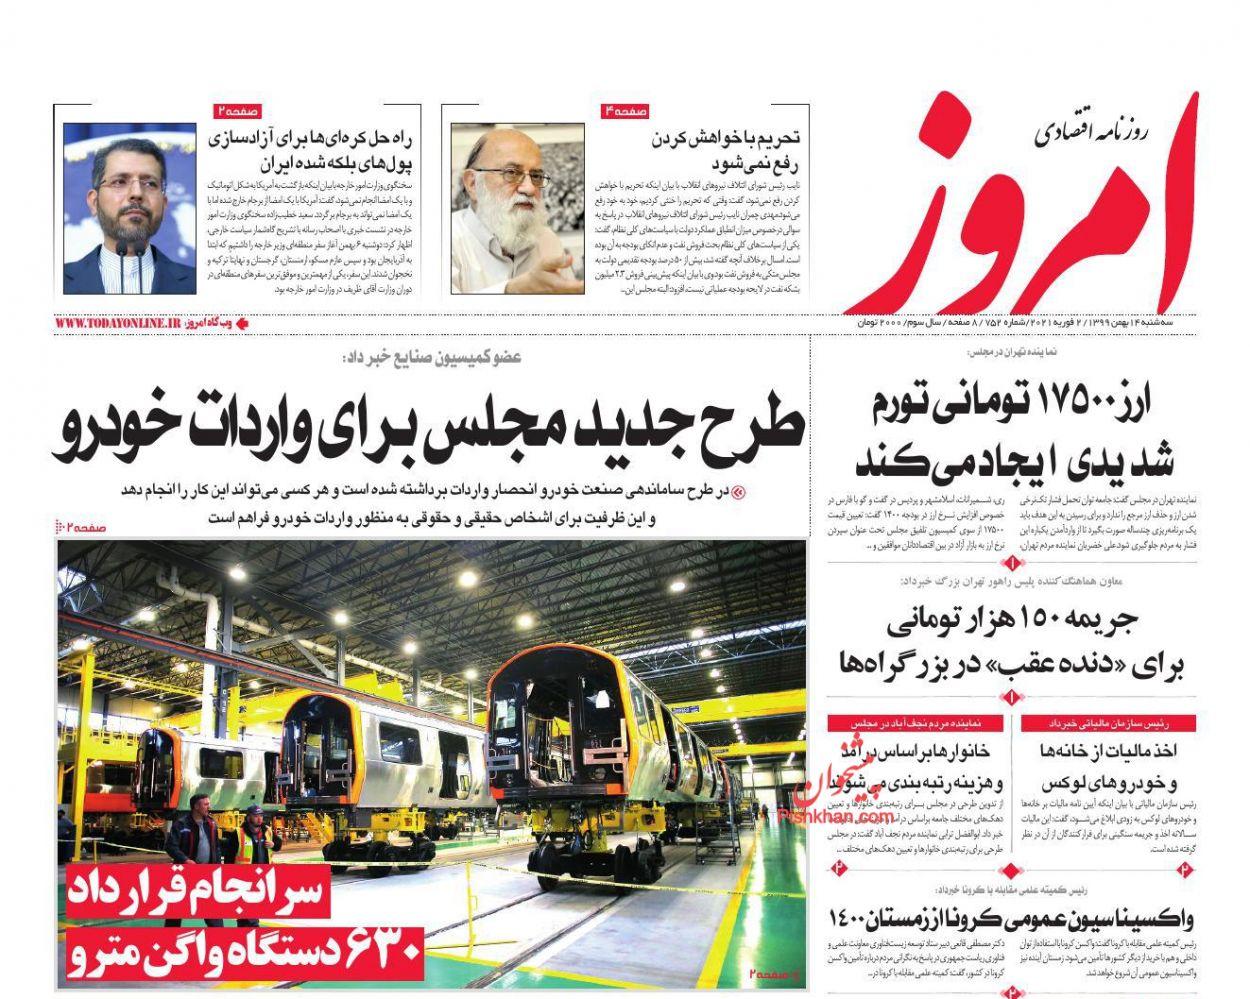 عناوین اخبار روزنامه امروز در روز سهشنبه ۱۴ بهمن